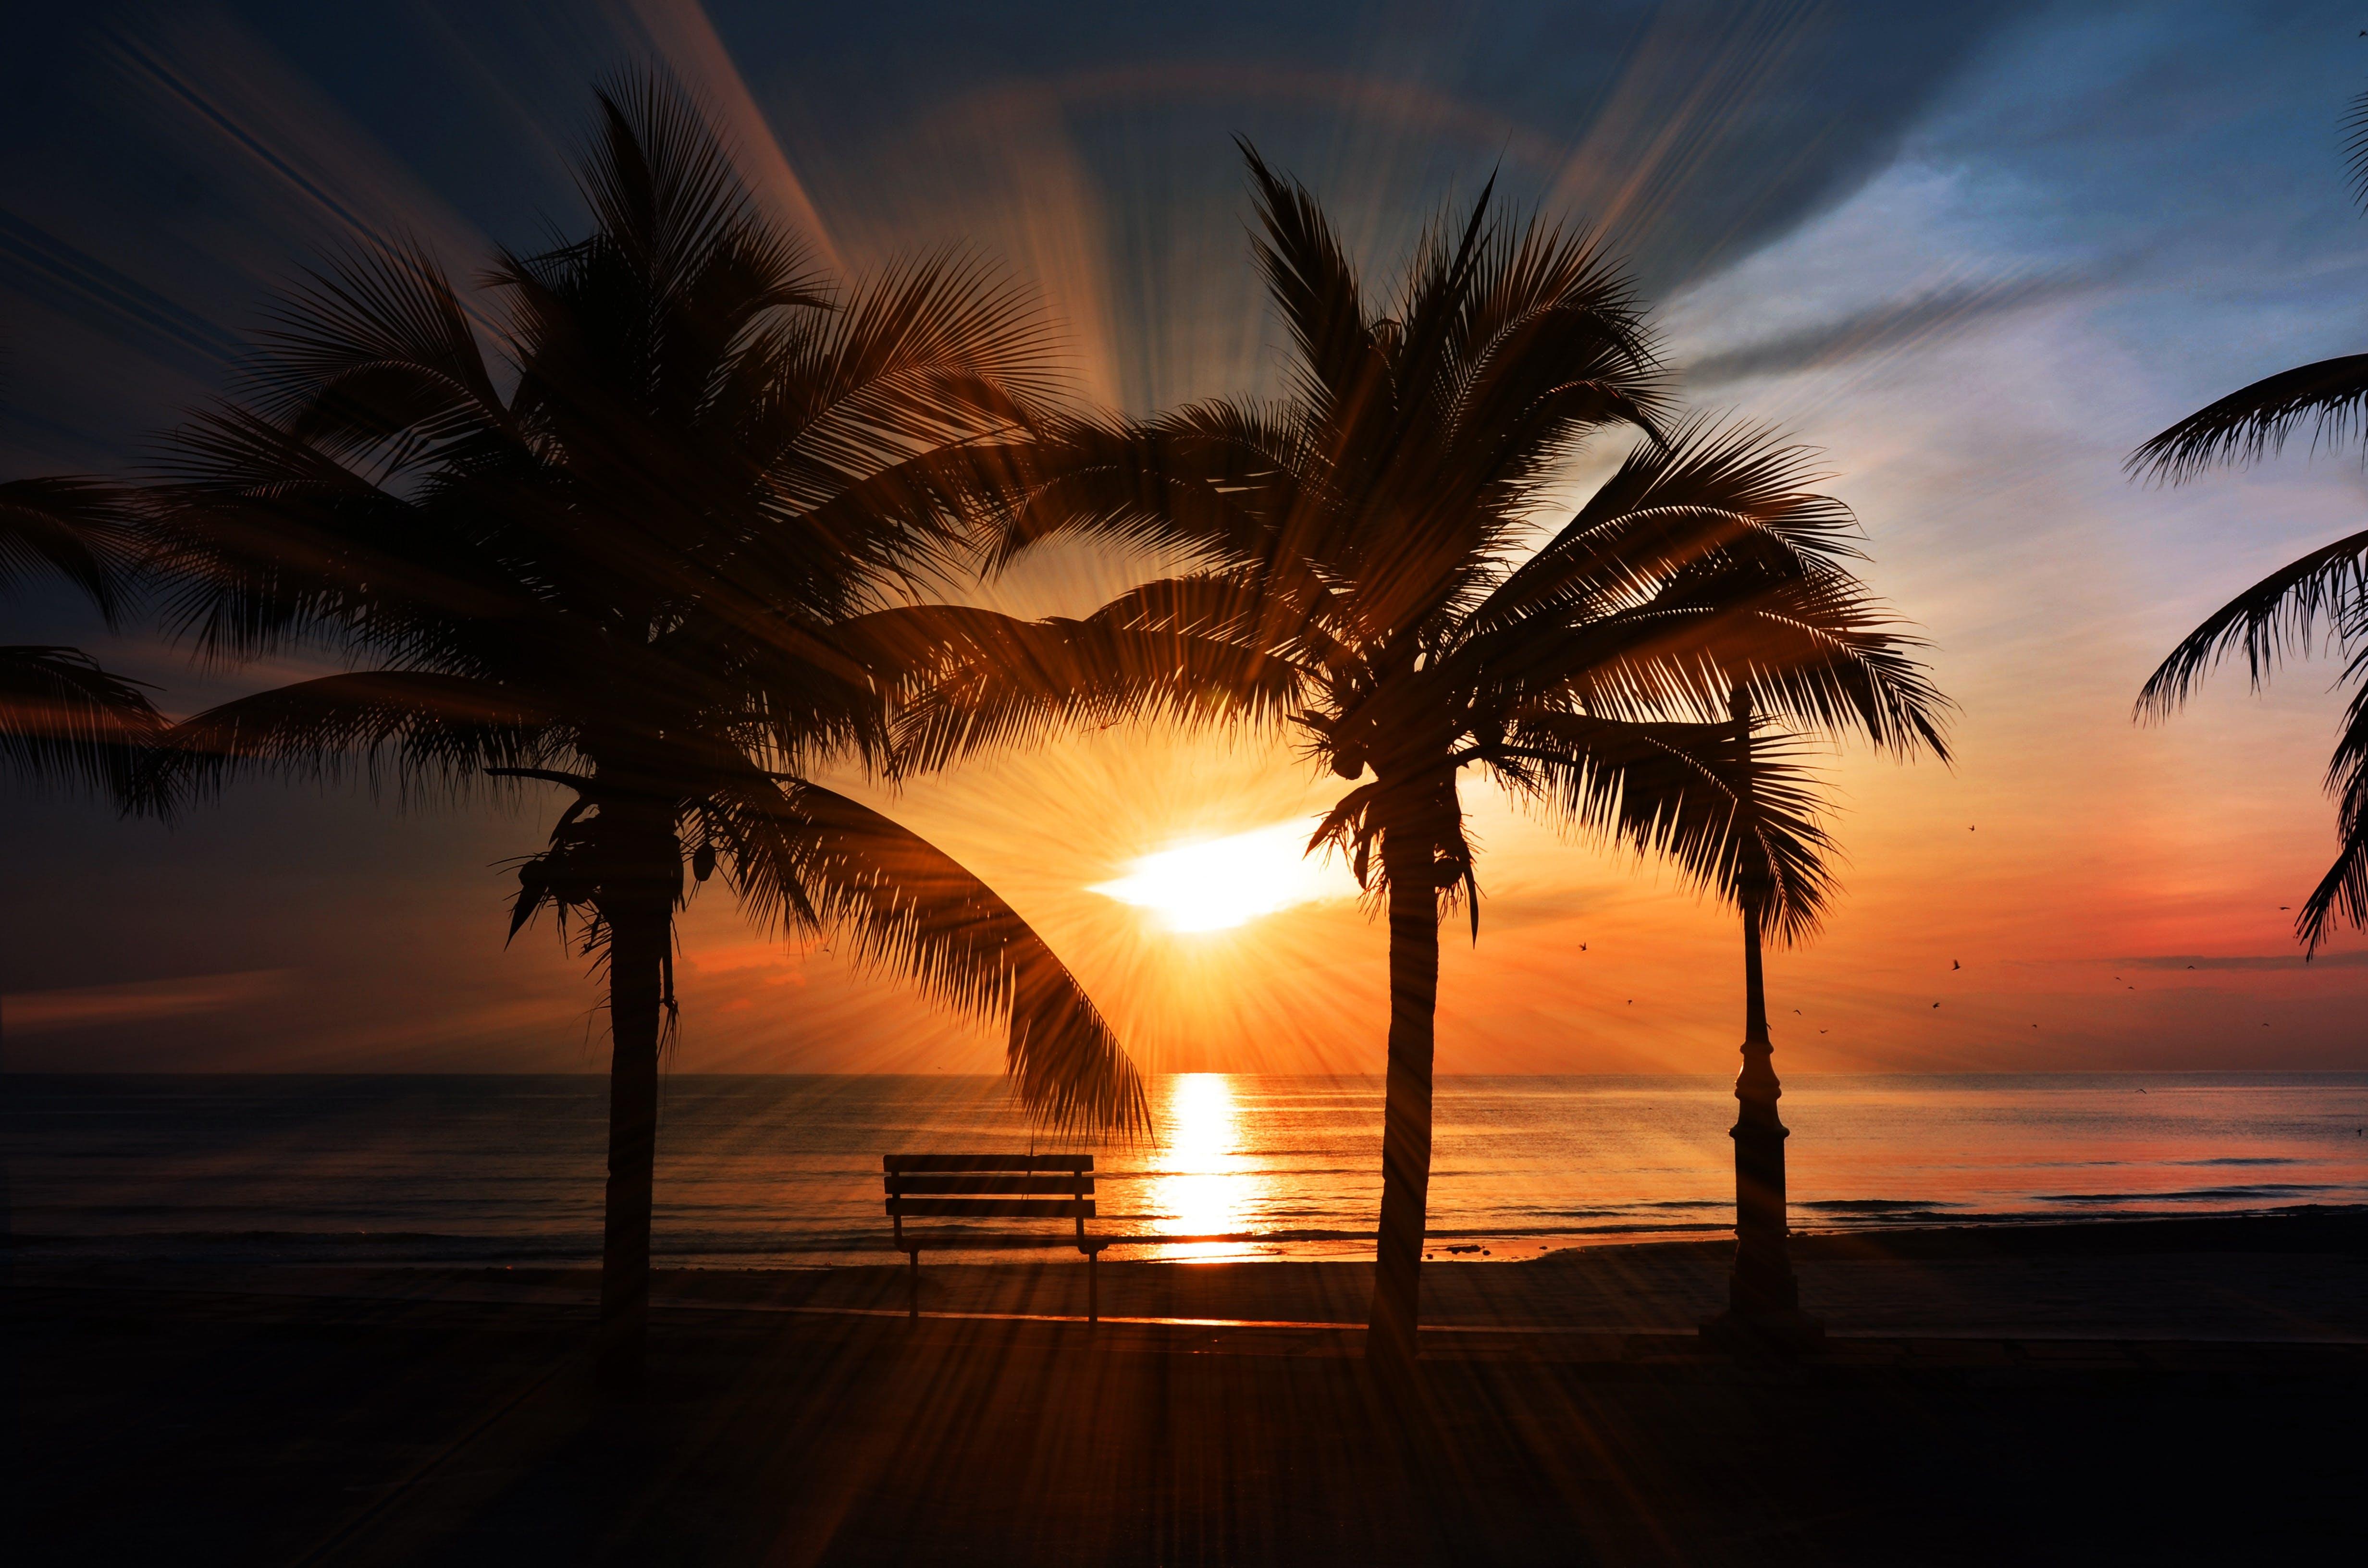 Ảnh lưu trữ miễn phí về bãi biển hoàng hôn, Băng ghế, bầu trời, biển